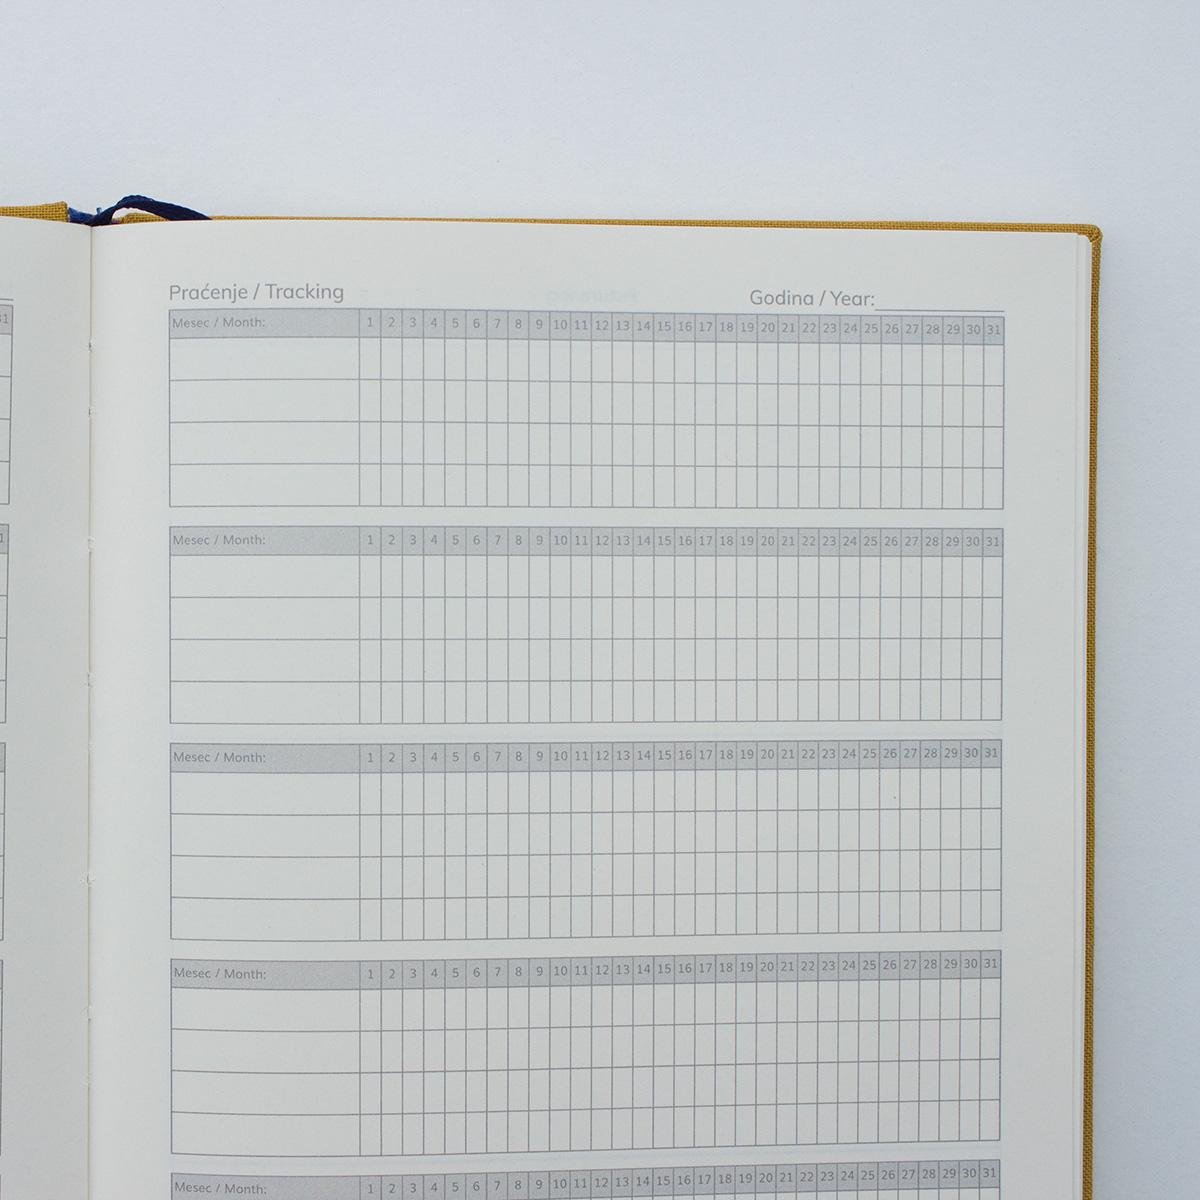 Juno planer tabela za praćenje navika